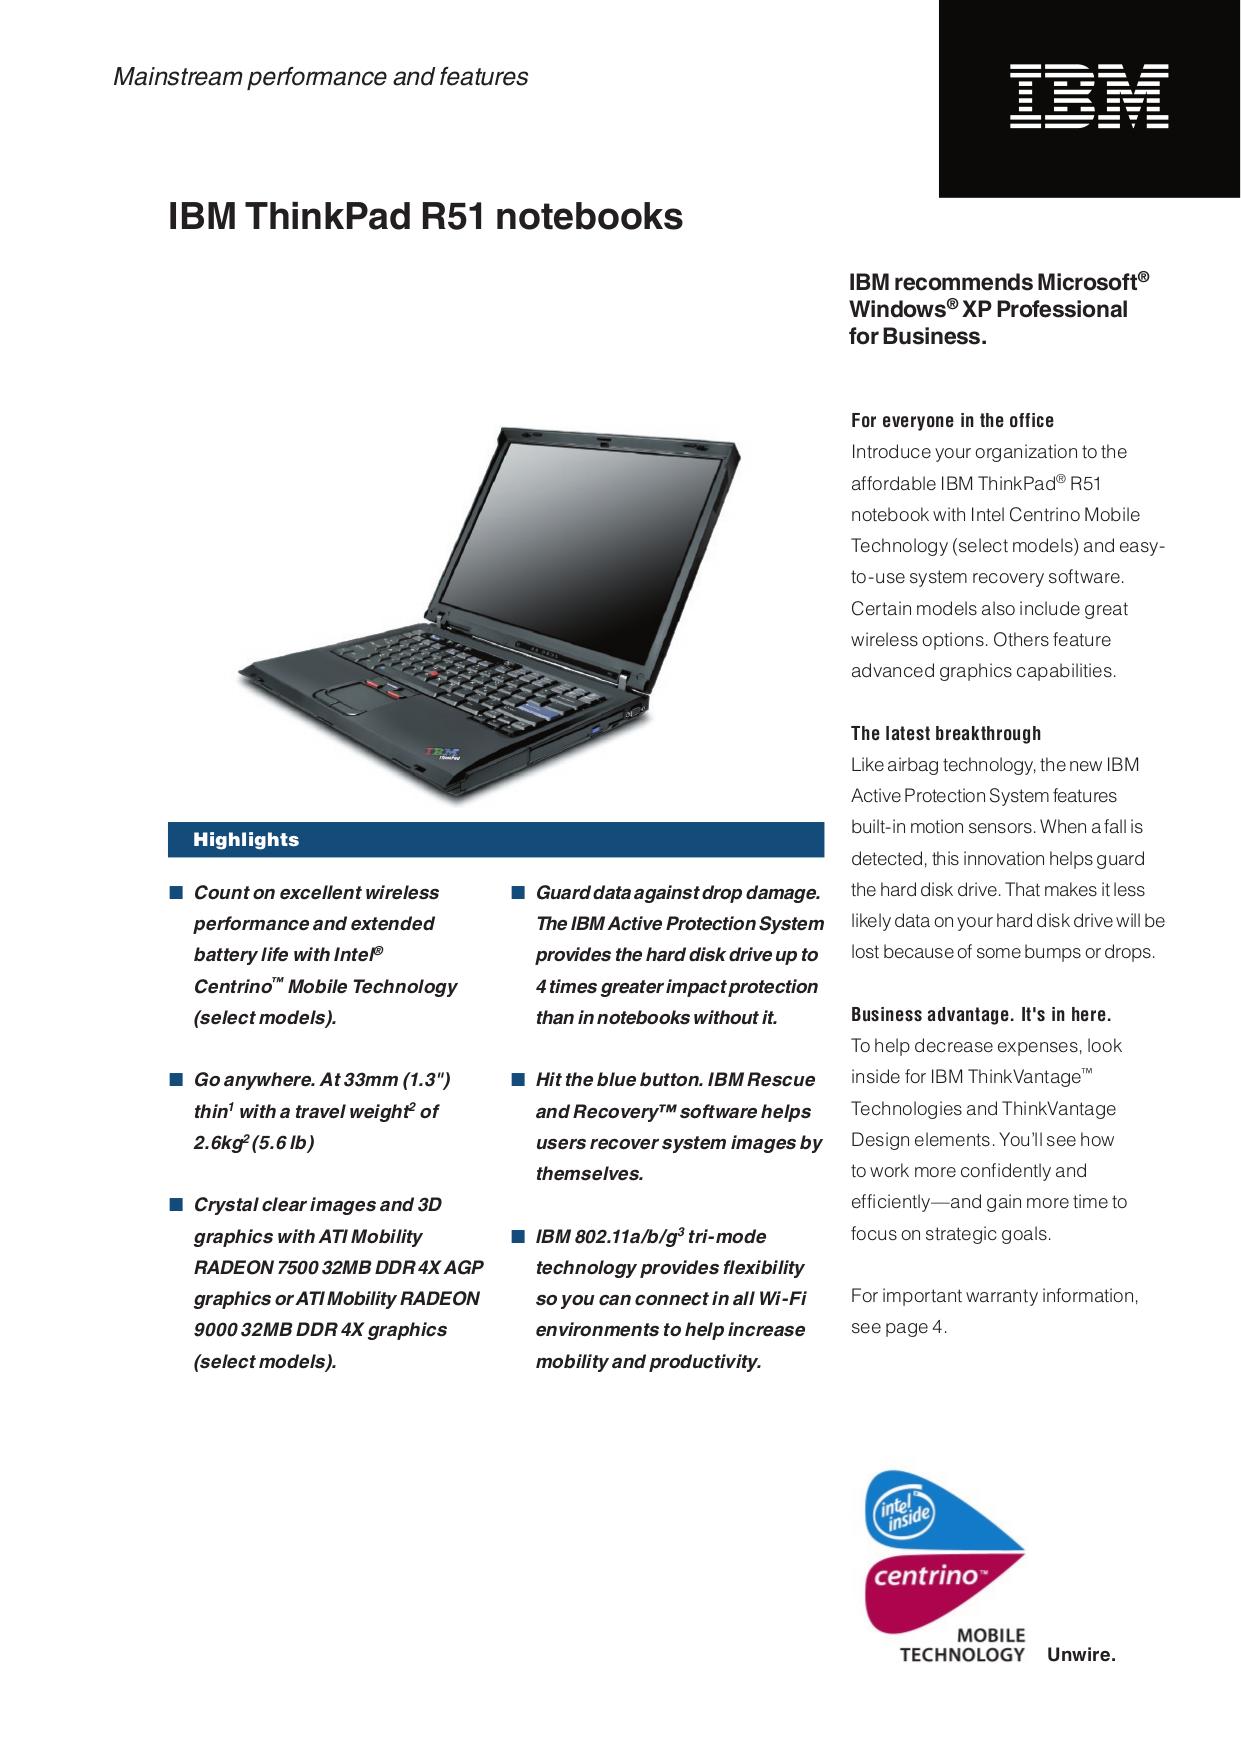 download free pdf for lenovo thinkpad r51 2889 laptop manual rh umlib com ibm thinkpad r51 manual ibm r51 manual pdf